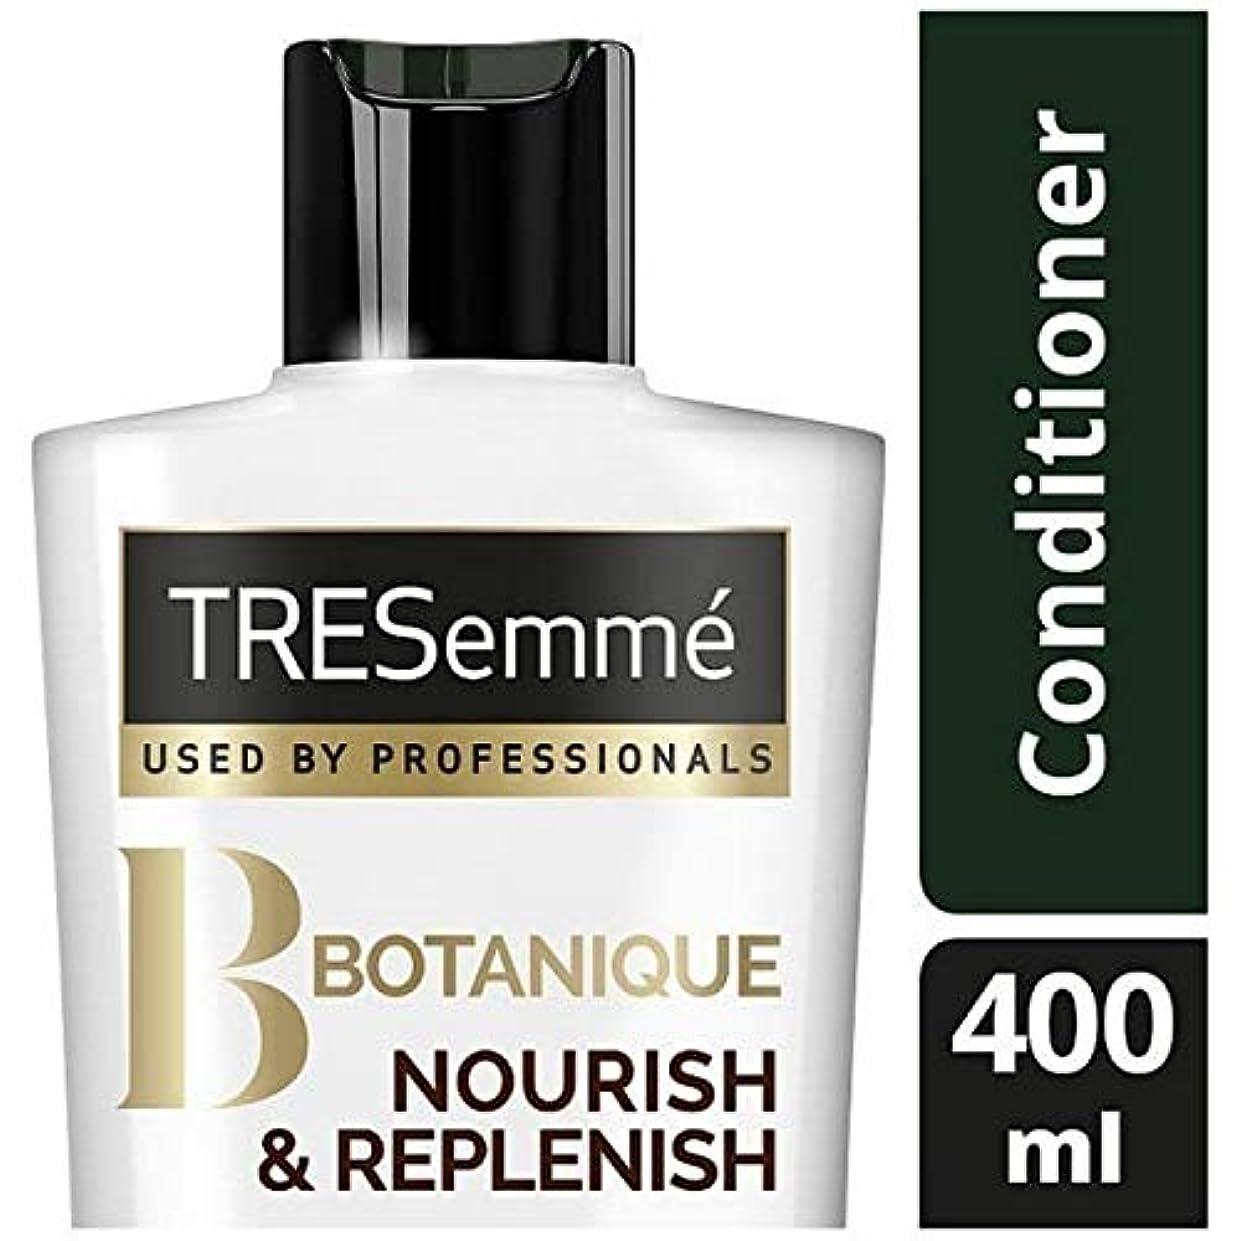 緊張するリム罹患率[Tresemme] Tresemmeのボタニックを養う&コンディショナー400ミリリットルを補充します - TRESemme Botanique Nourish & Replenish Conditioner 400ml [並行輸入品]